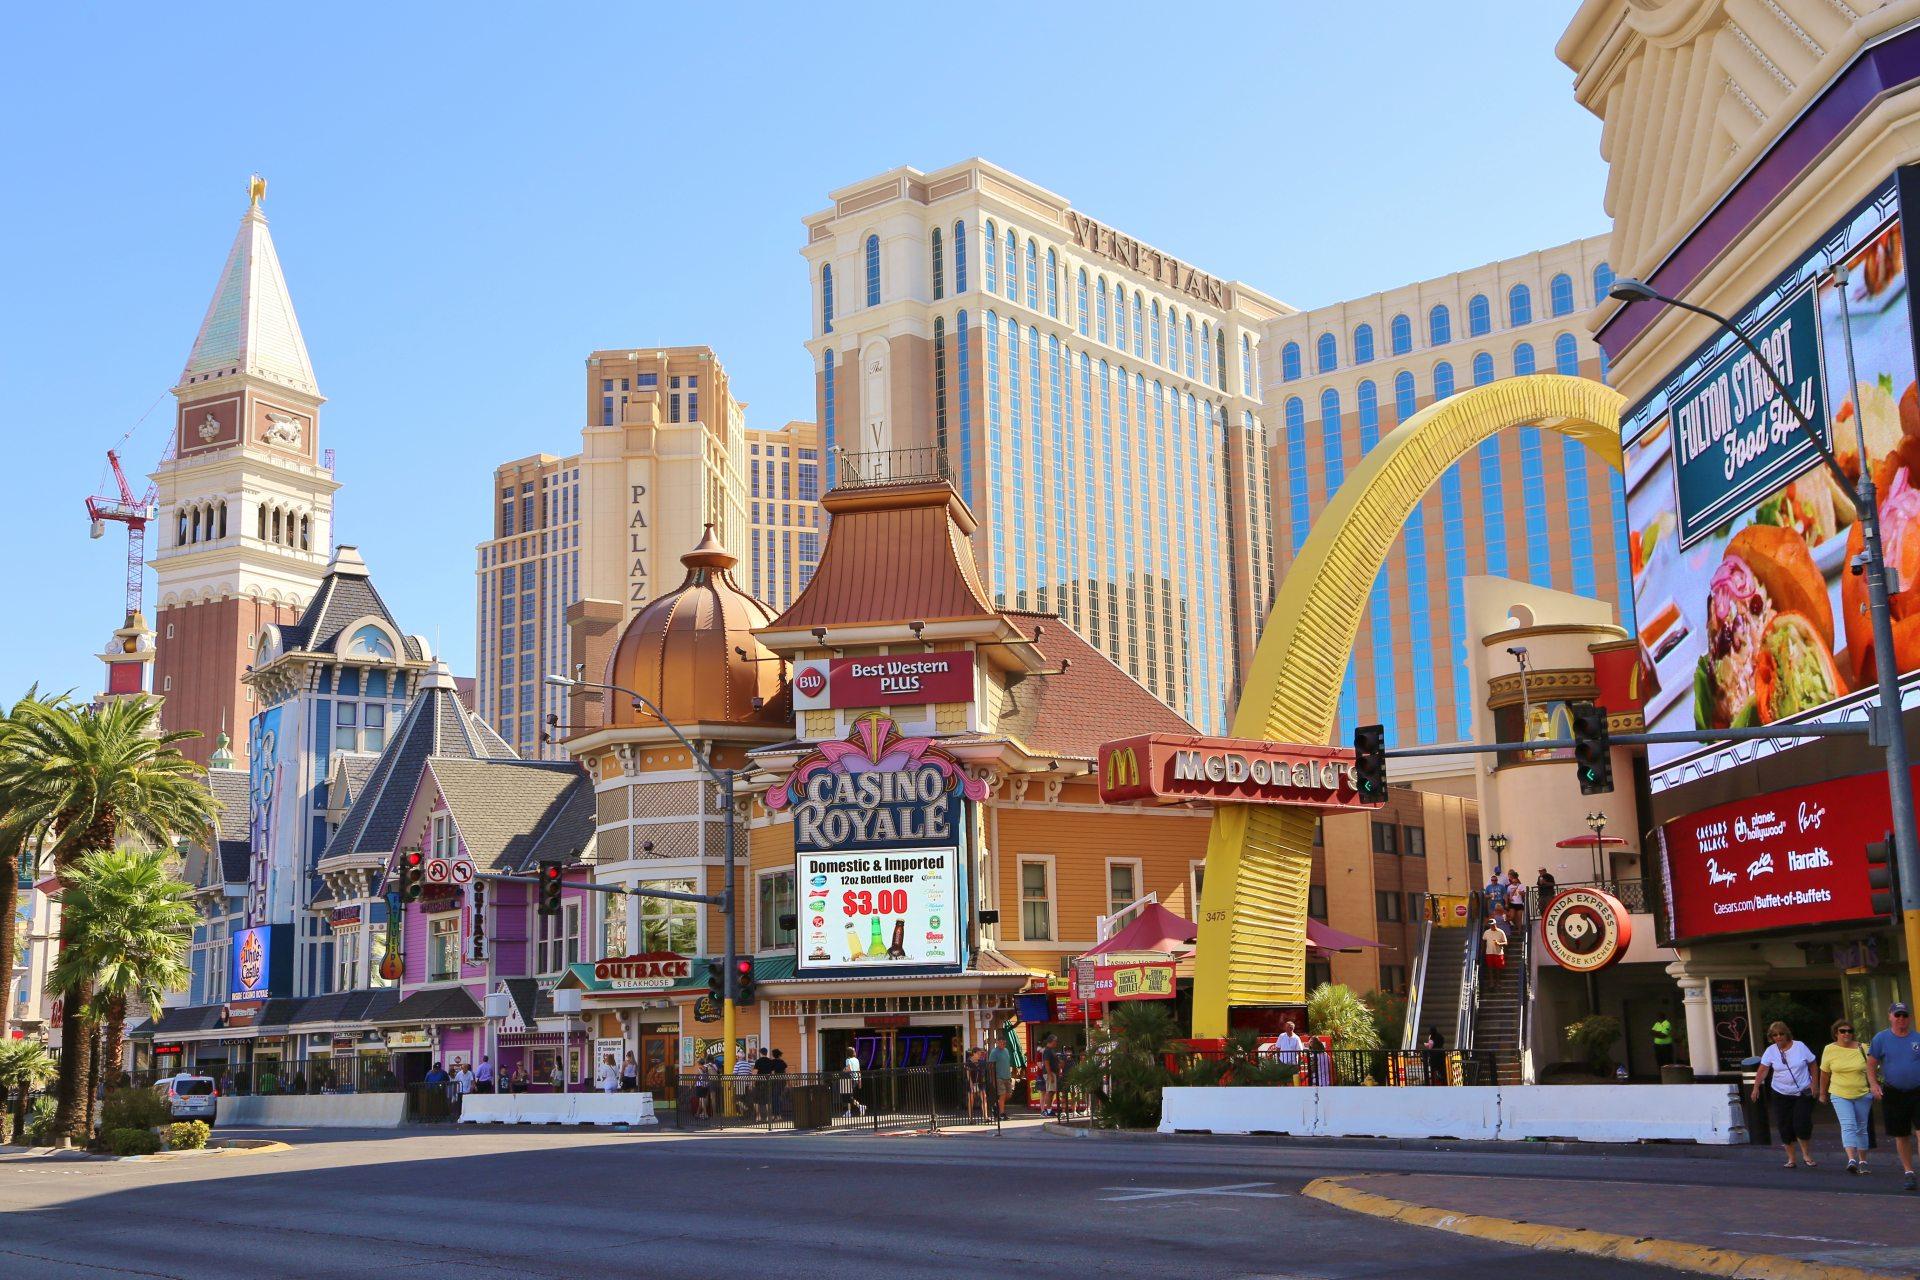 Die Welt in einer Stadt vereint - Welcome to Las Vegas! - Casino Royale, Gebäude, Himmel, Las Vegas, Lichtreklame, Mc Donald's, Nevada, Venetian Resort Hotel, Werbeschilder - (Bracken, Las Vegas, Nevada, Vereinigte Staaten)